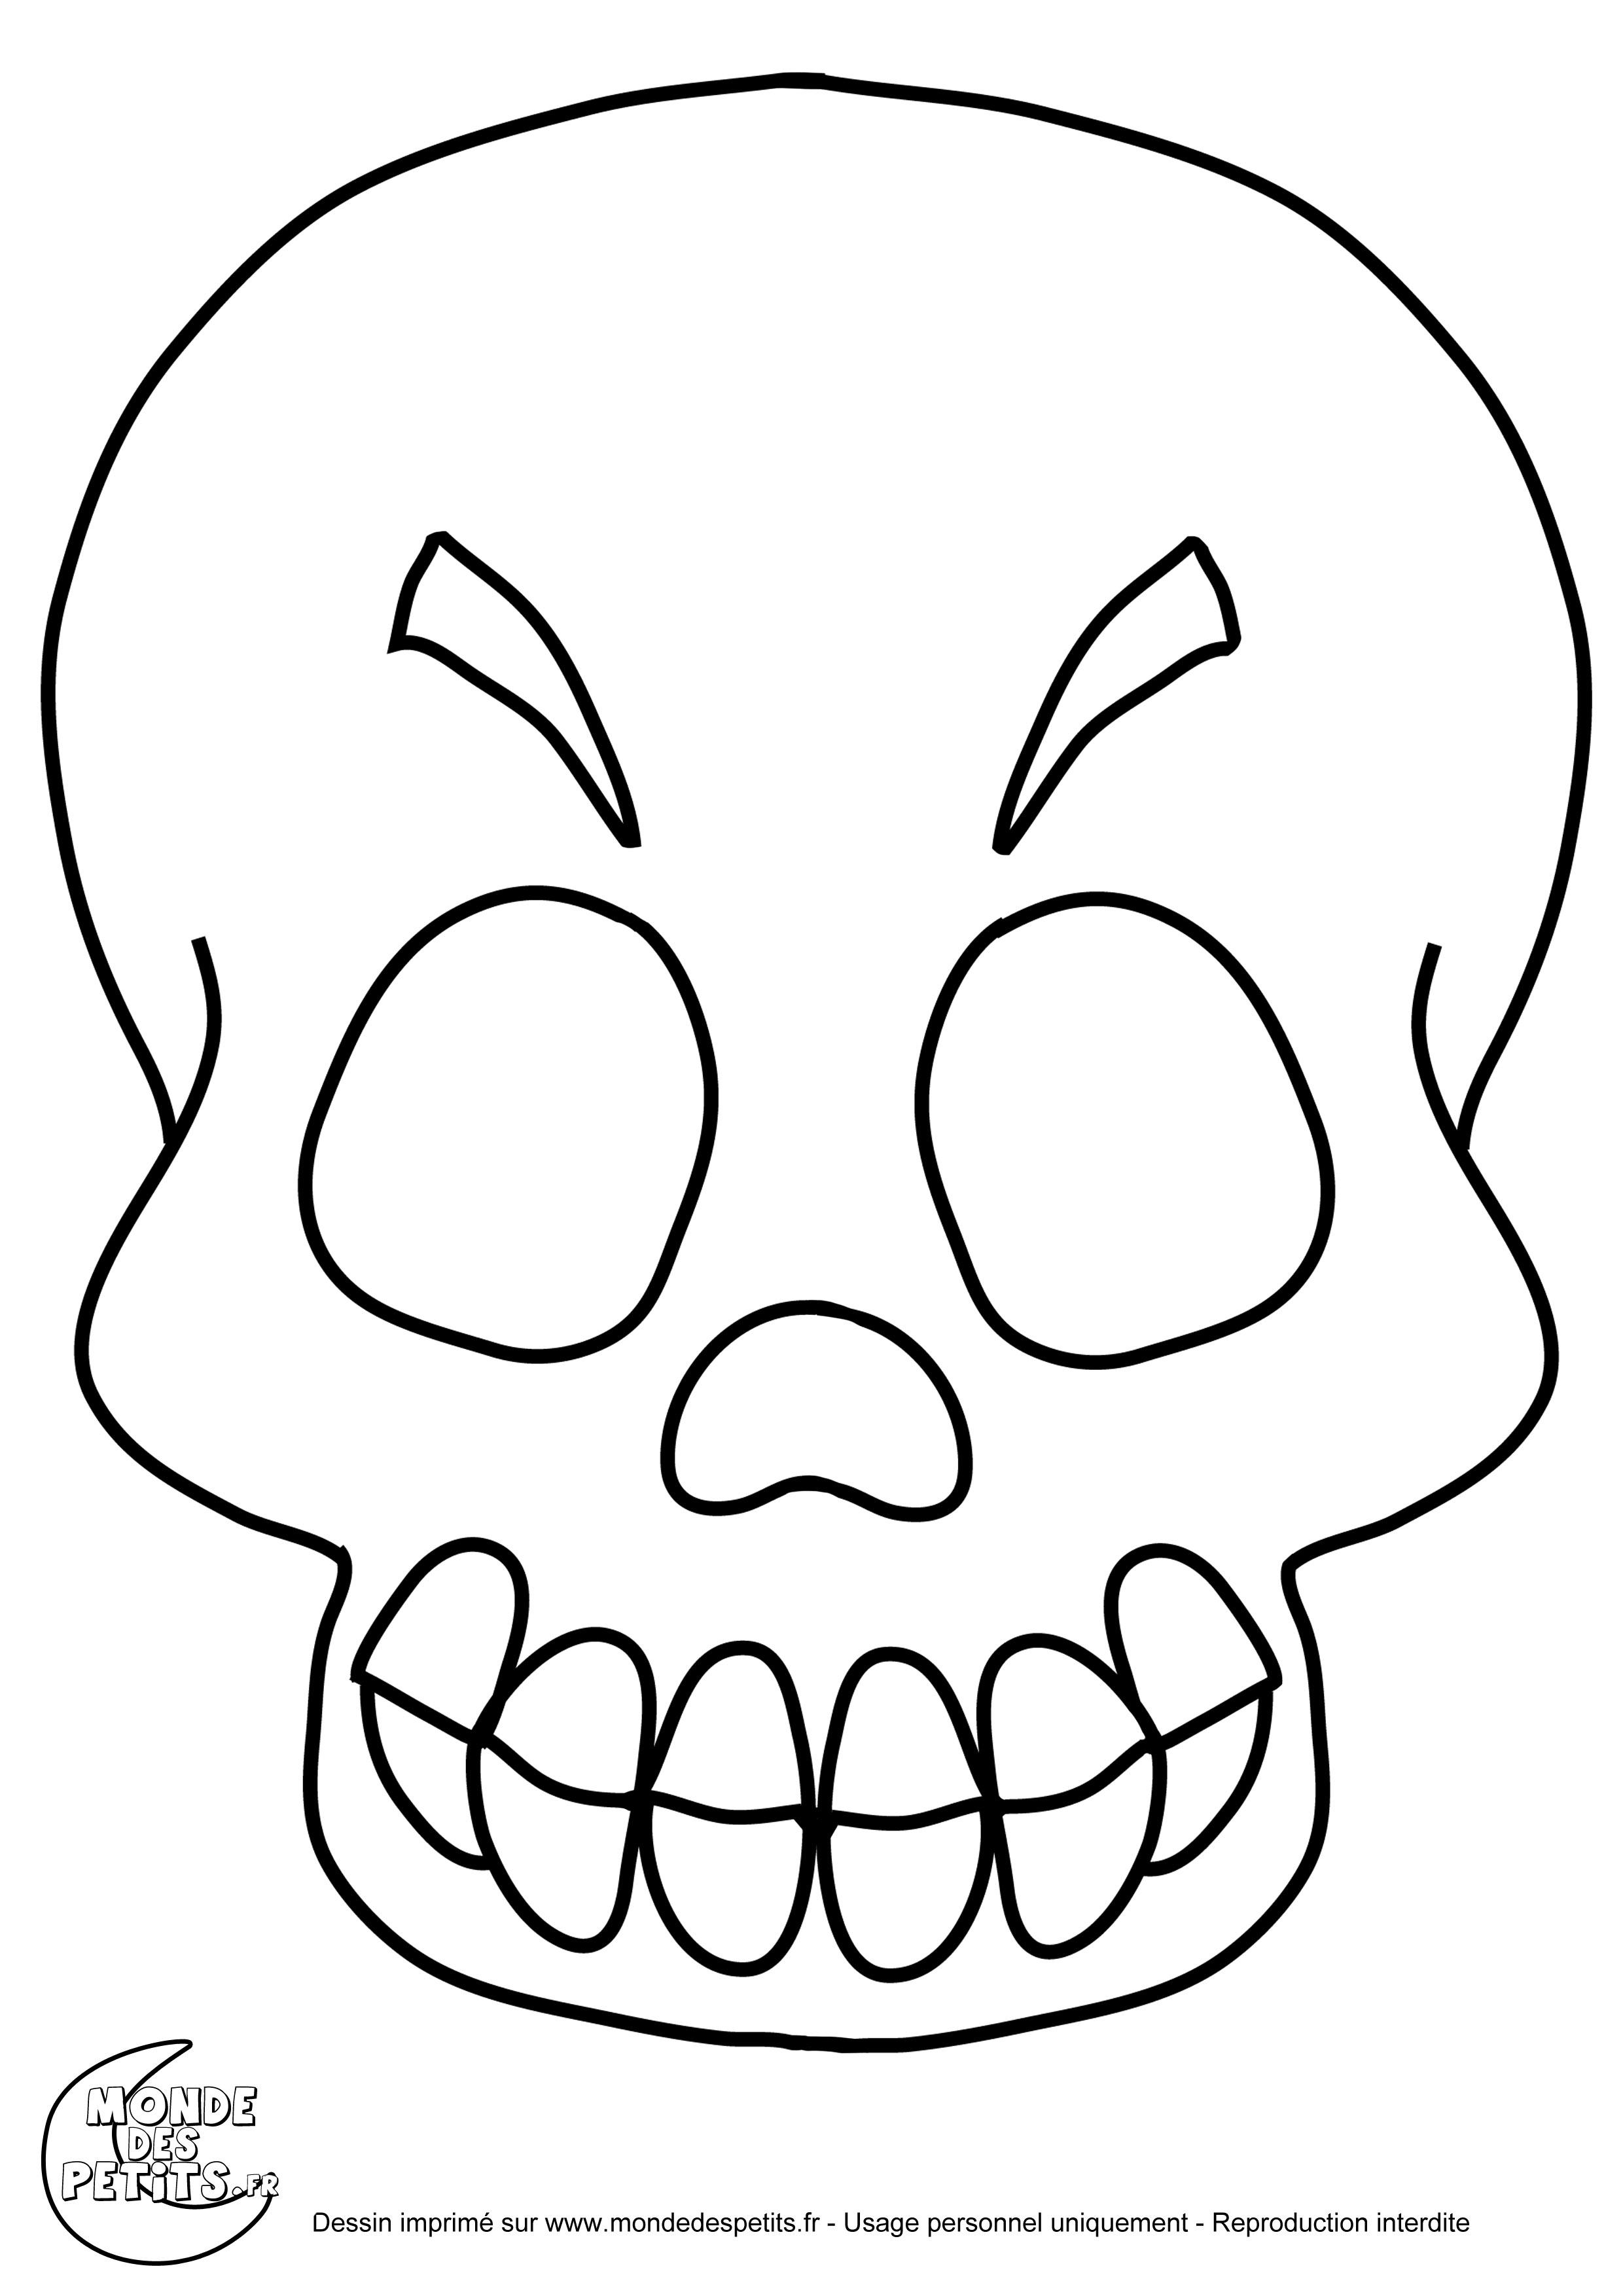 Monde des petits coloriages imprimer - Dessin de squelette ...